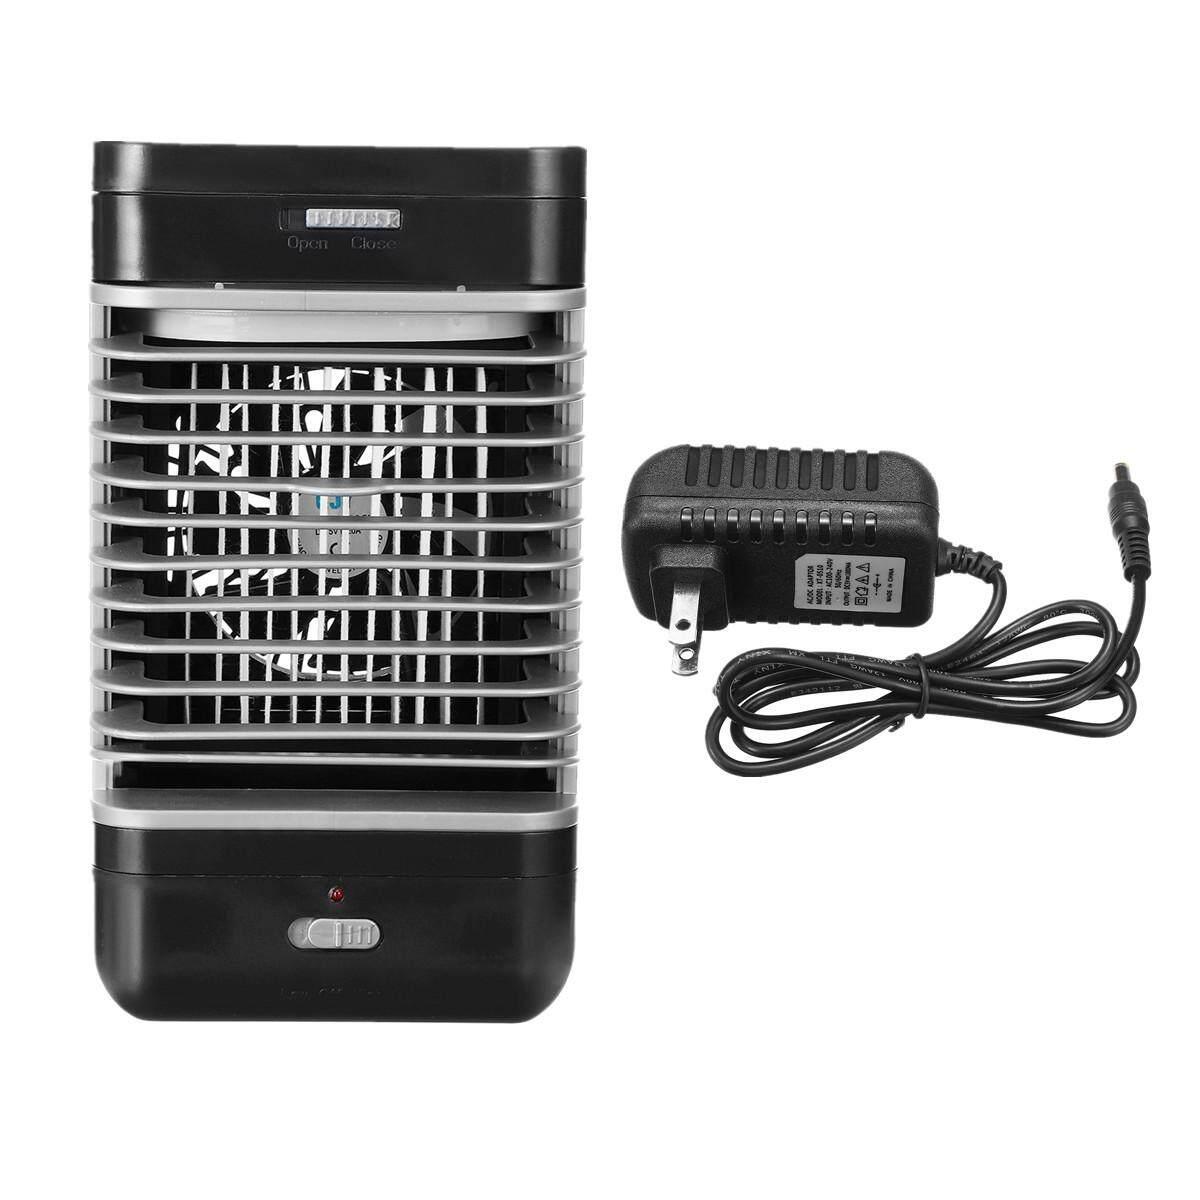 โปรโมชั่น  Air Conditioner Cooler Humidifier Purifier Fan Portable Home Cooling Flow Filter US Plug ซื้อที่ไหนดี